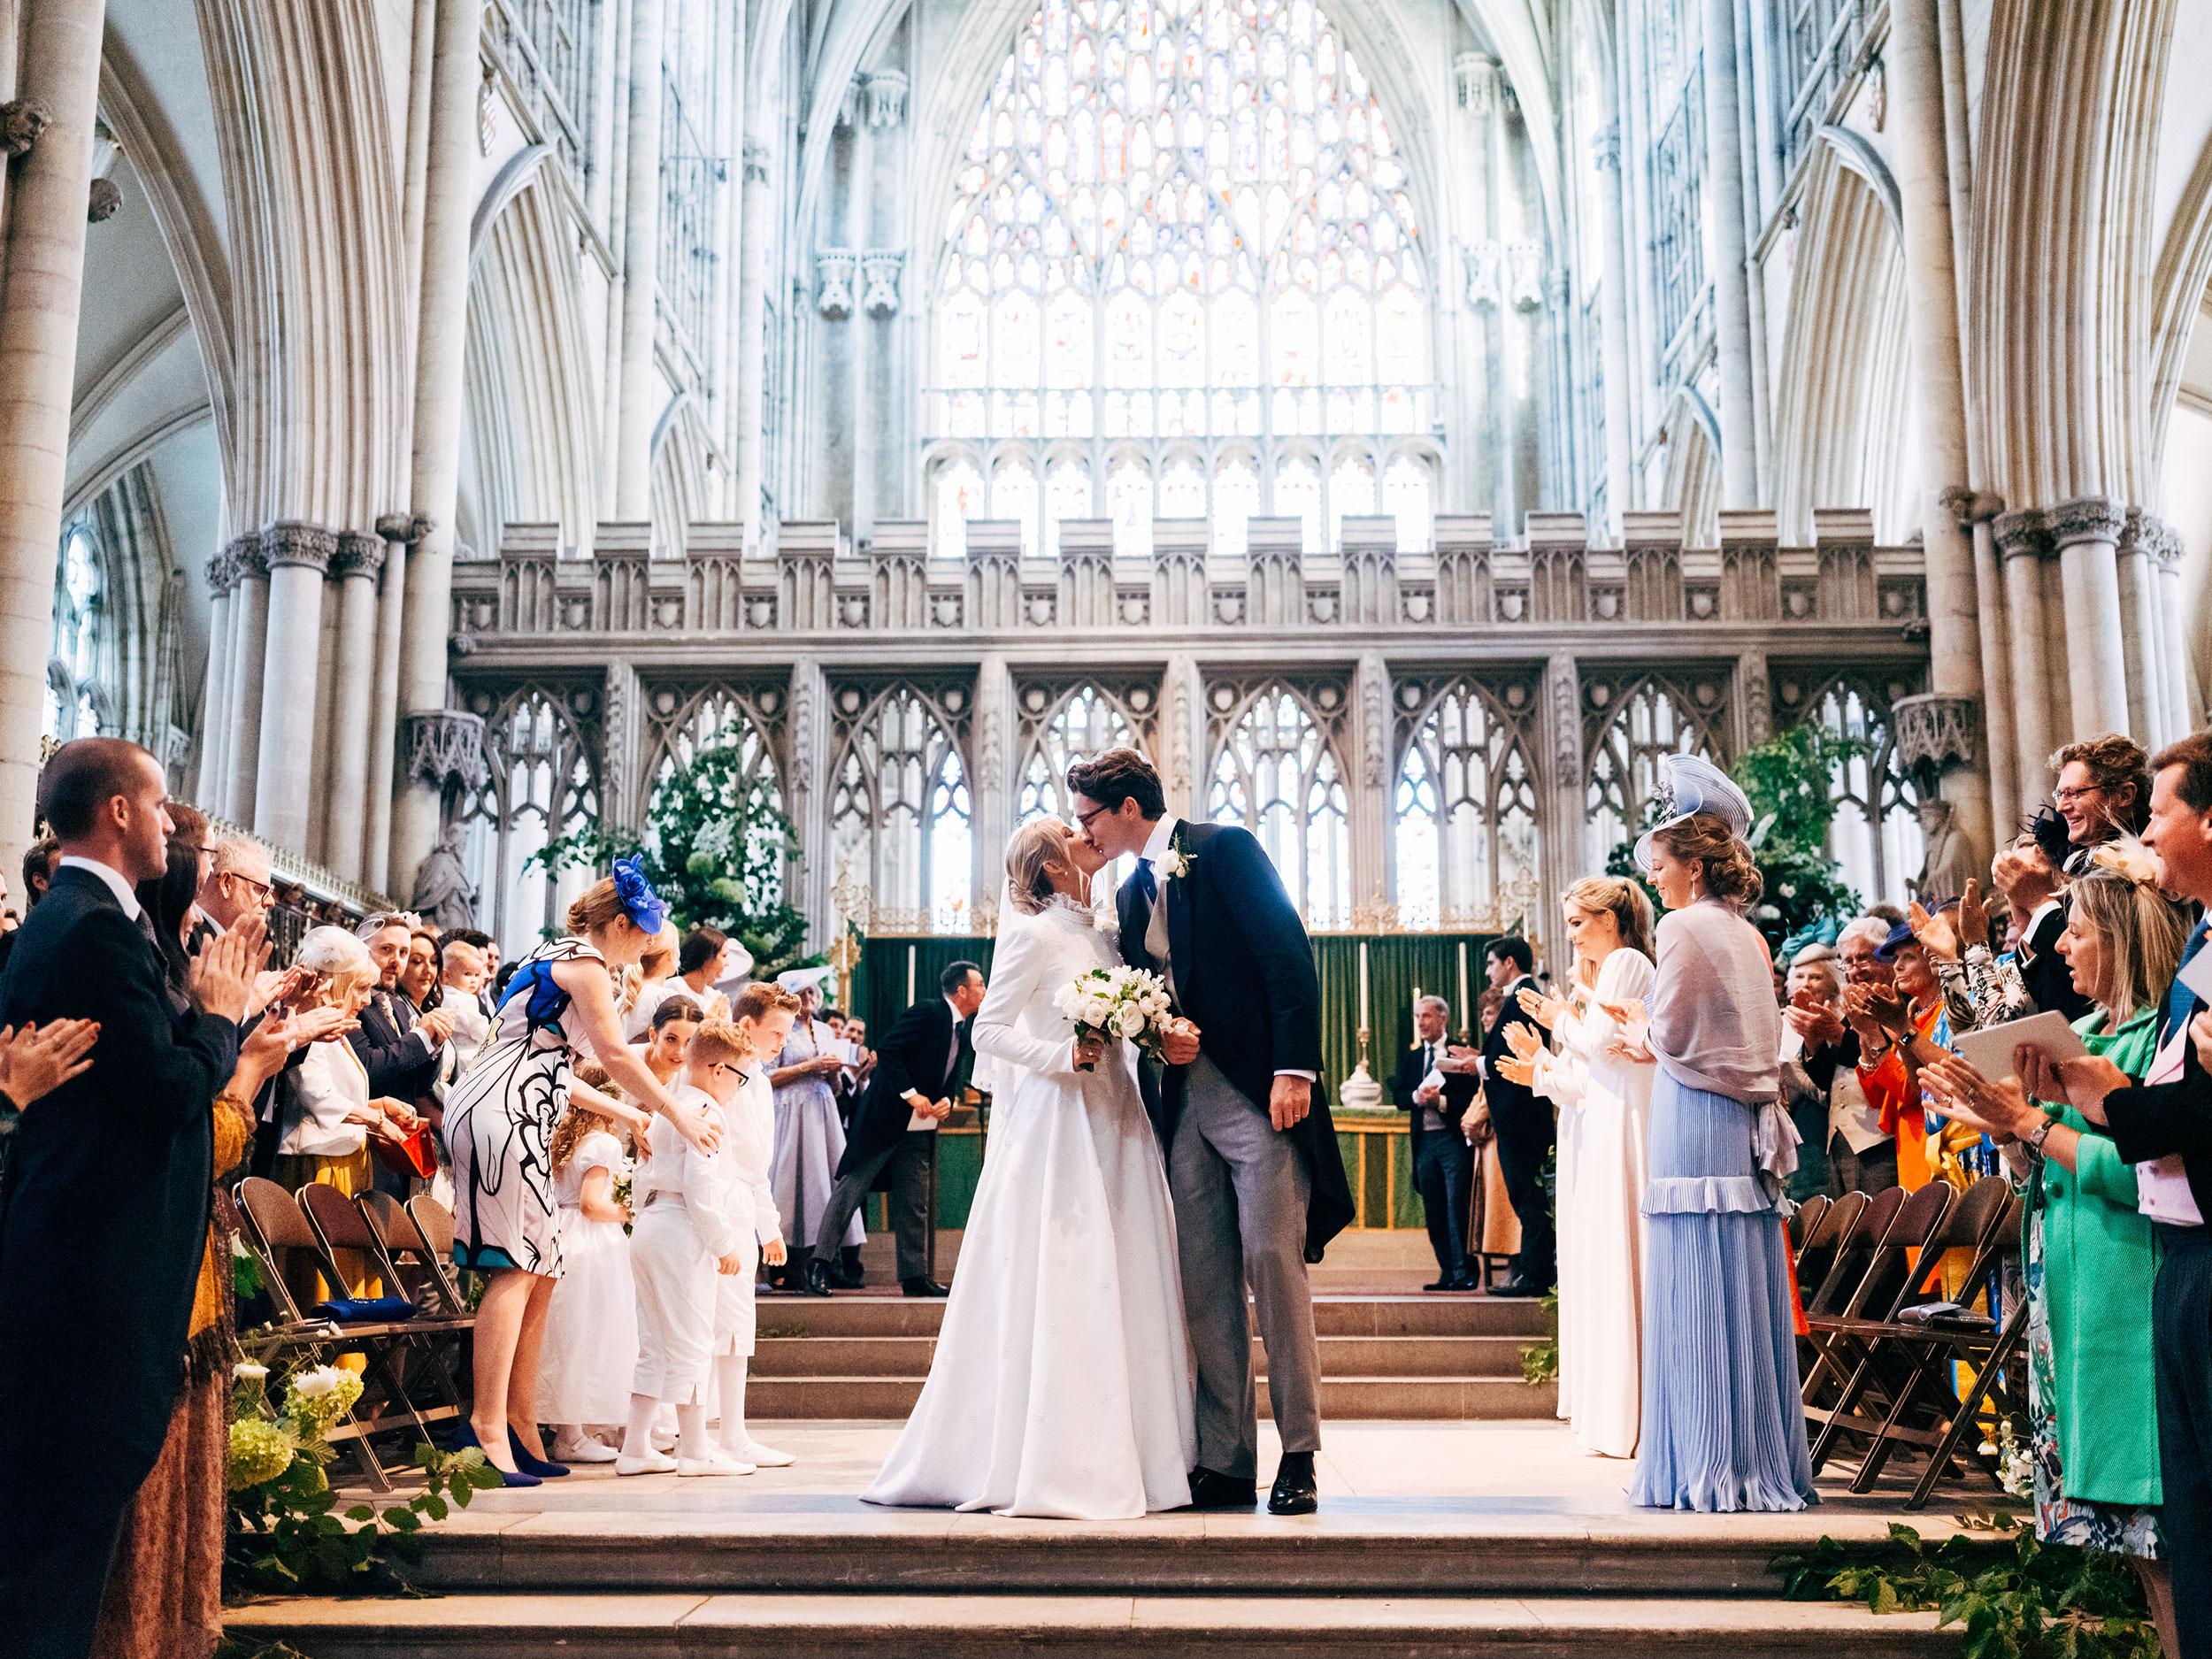 Ellie Goulding marries Casper  Jopling